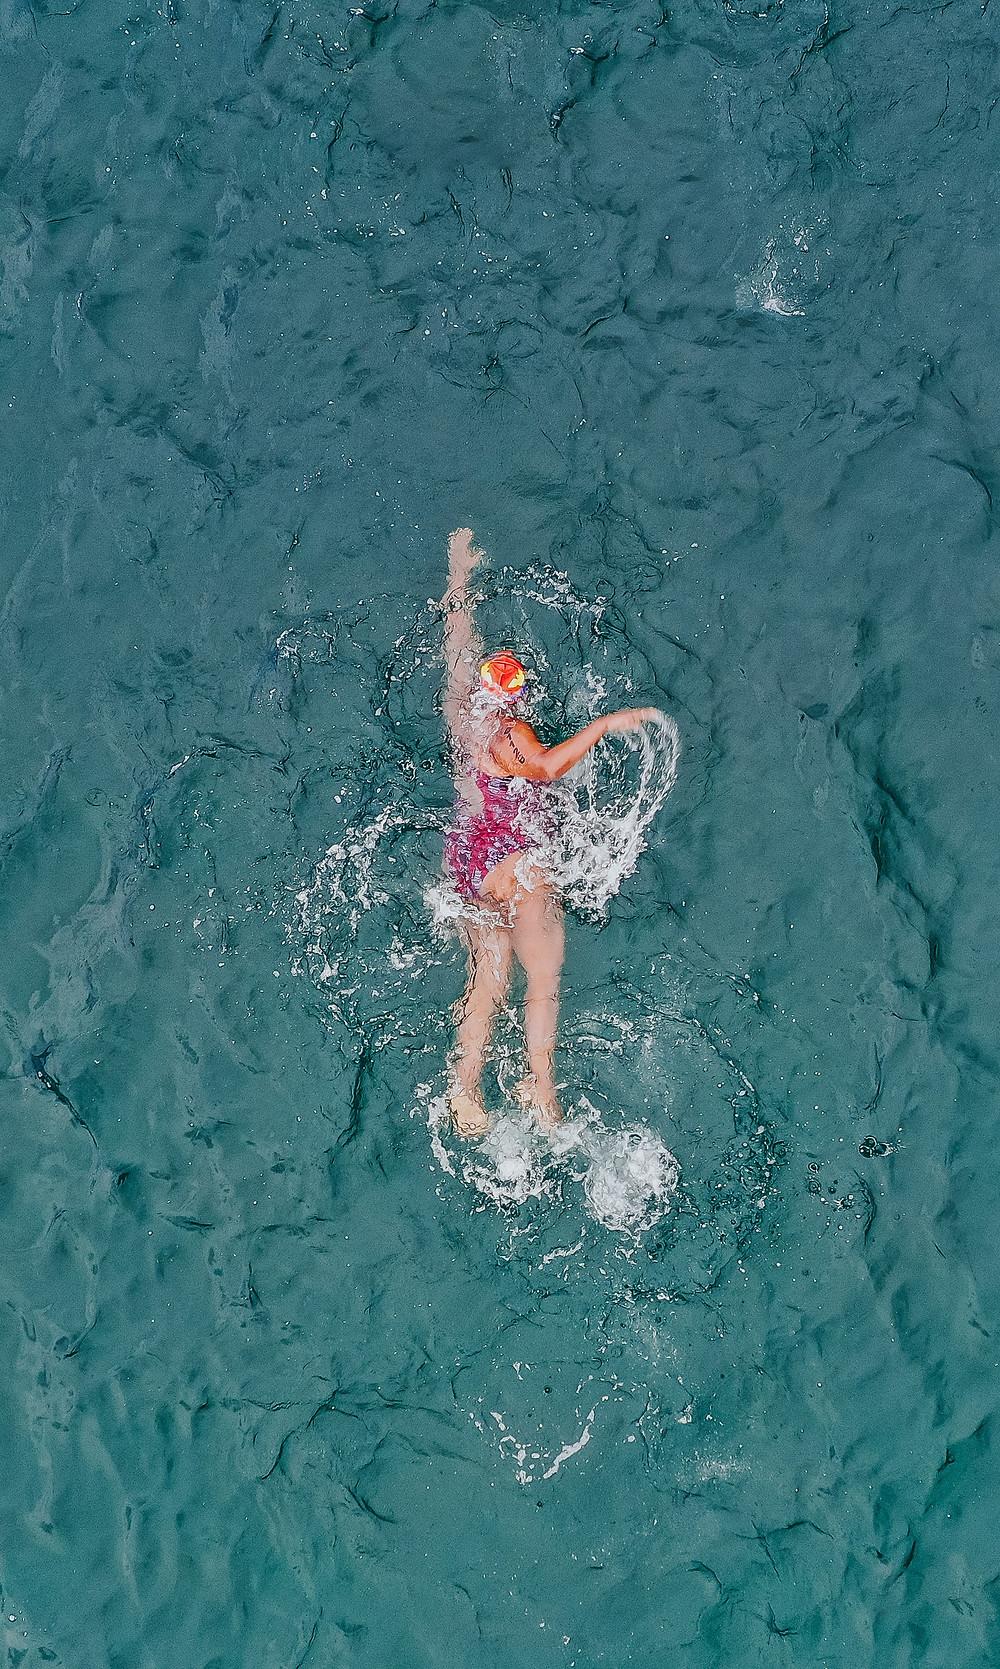 Woman-doing-strokes-in-ocean